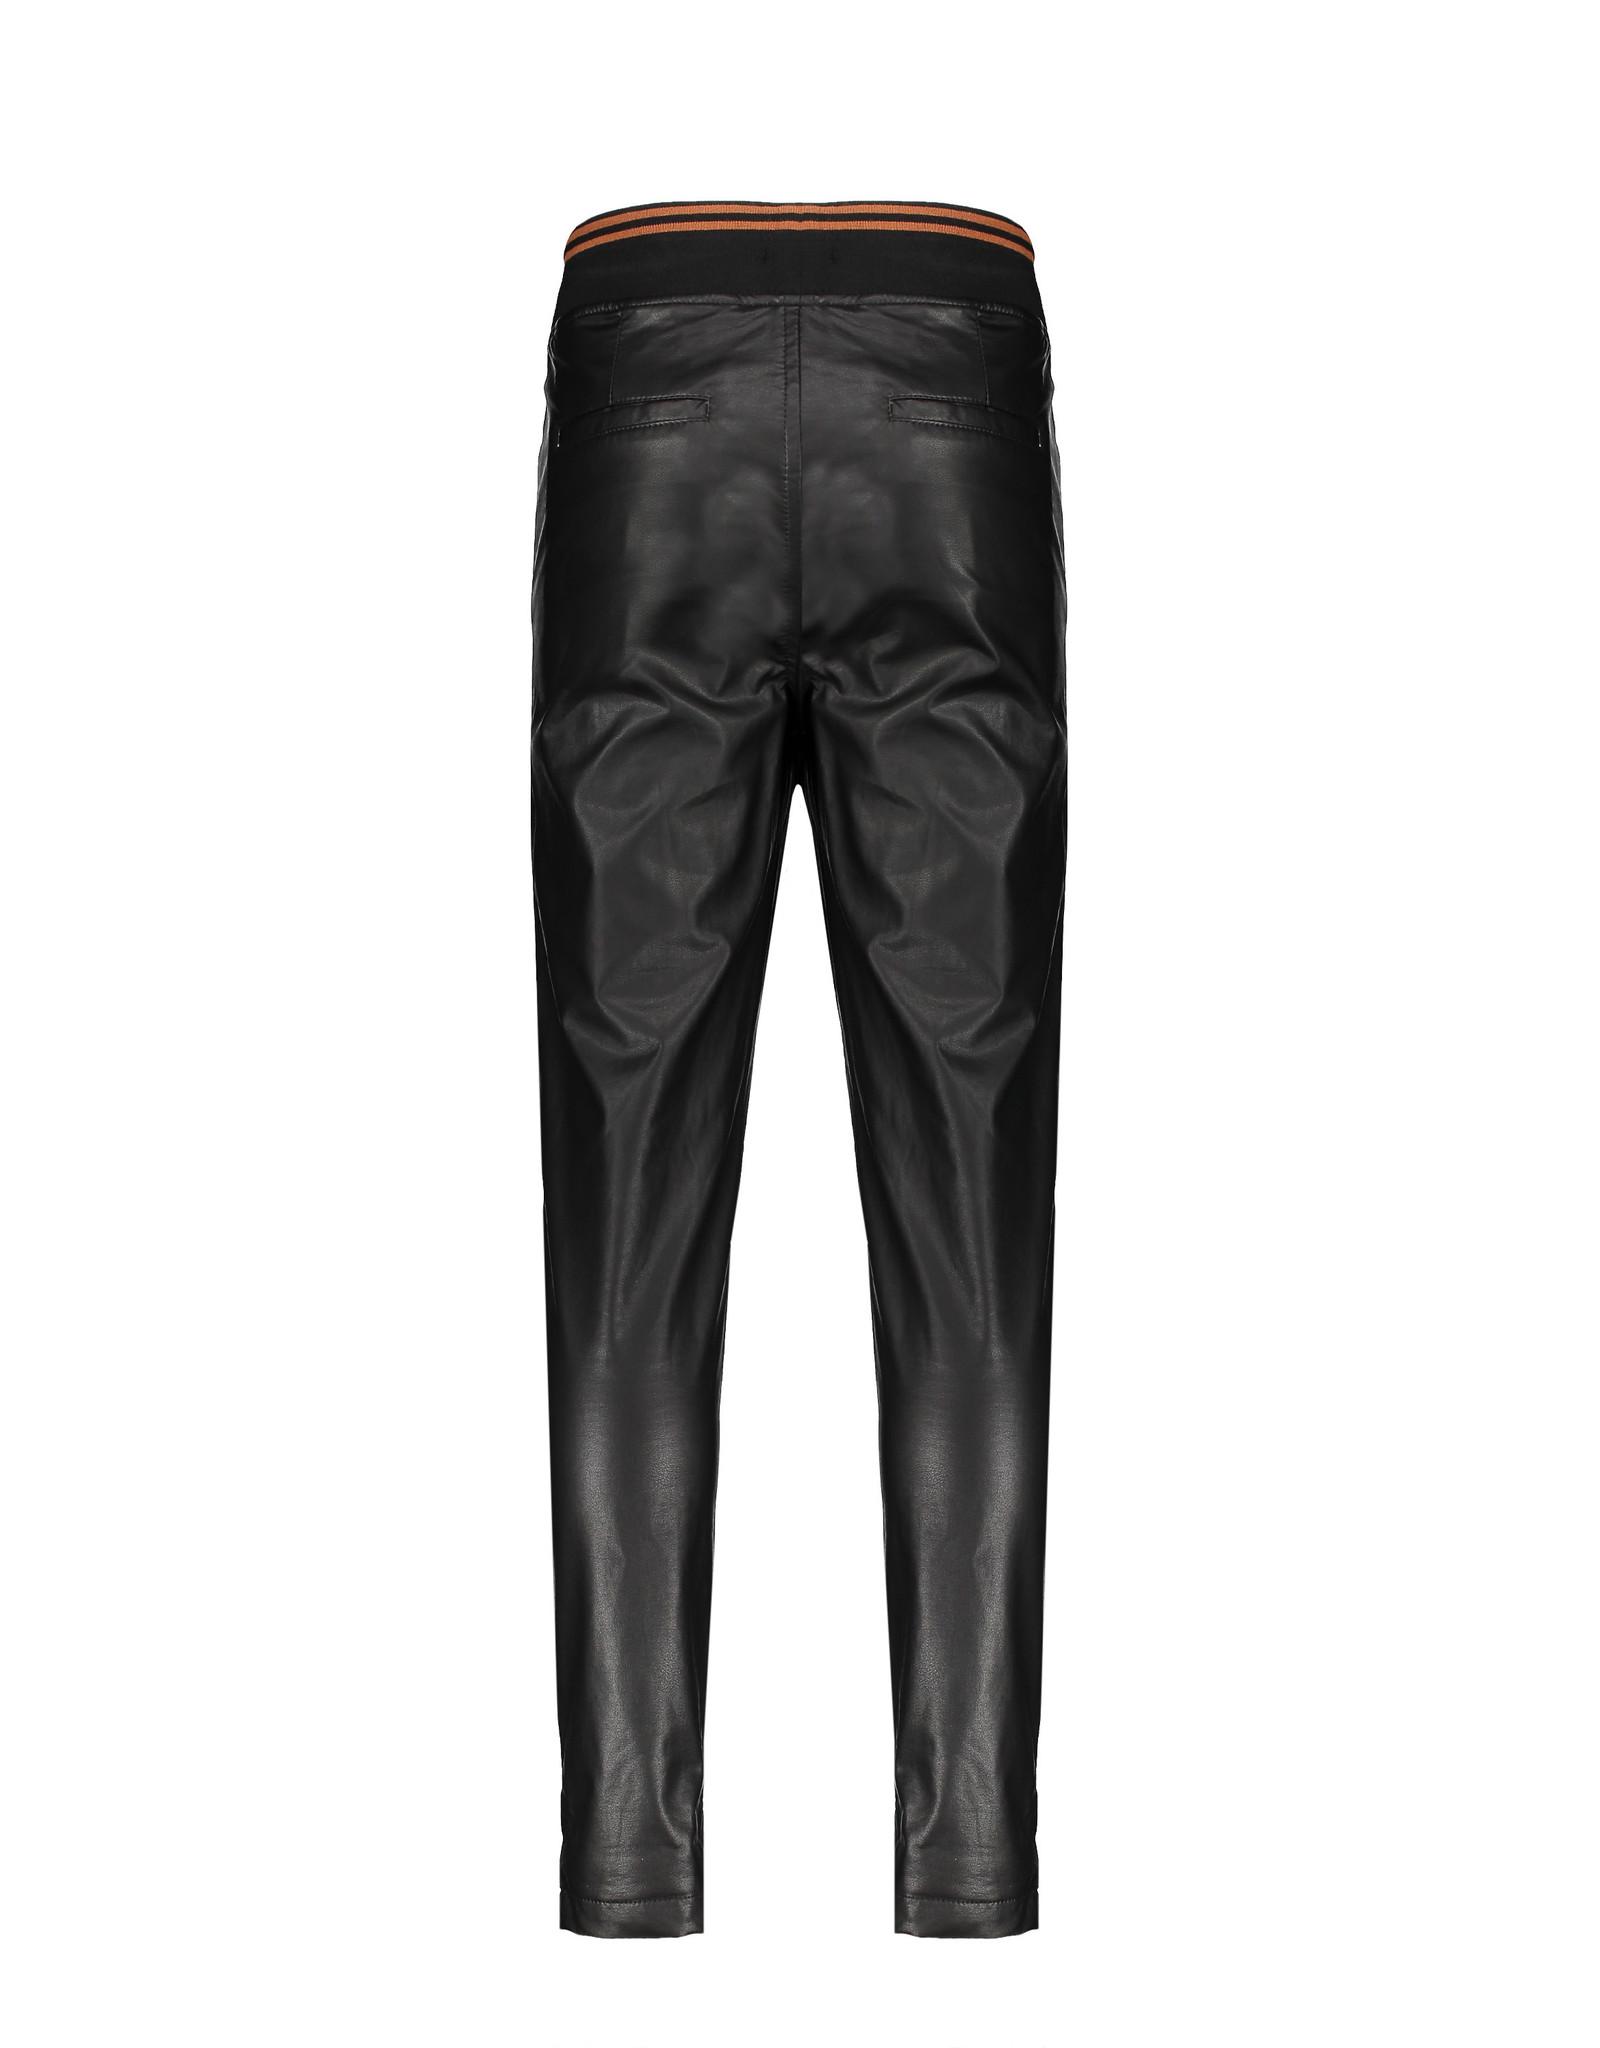 NoBell NoBell fake leather pants 3610 jet black